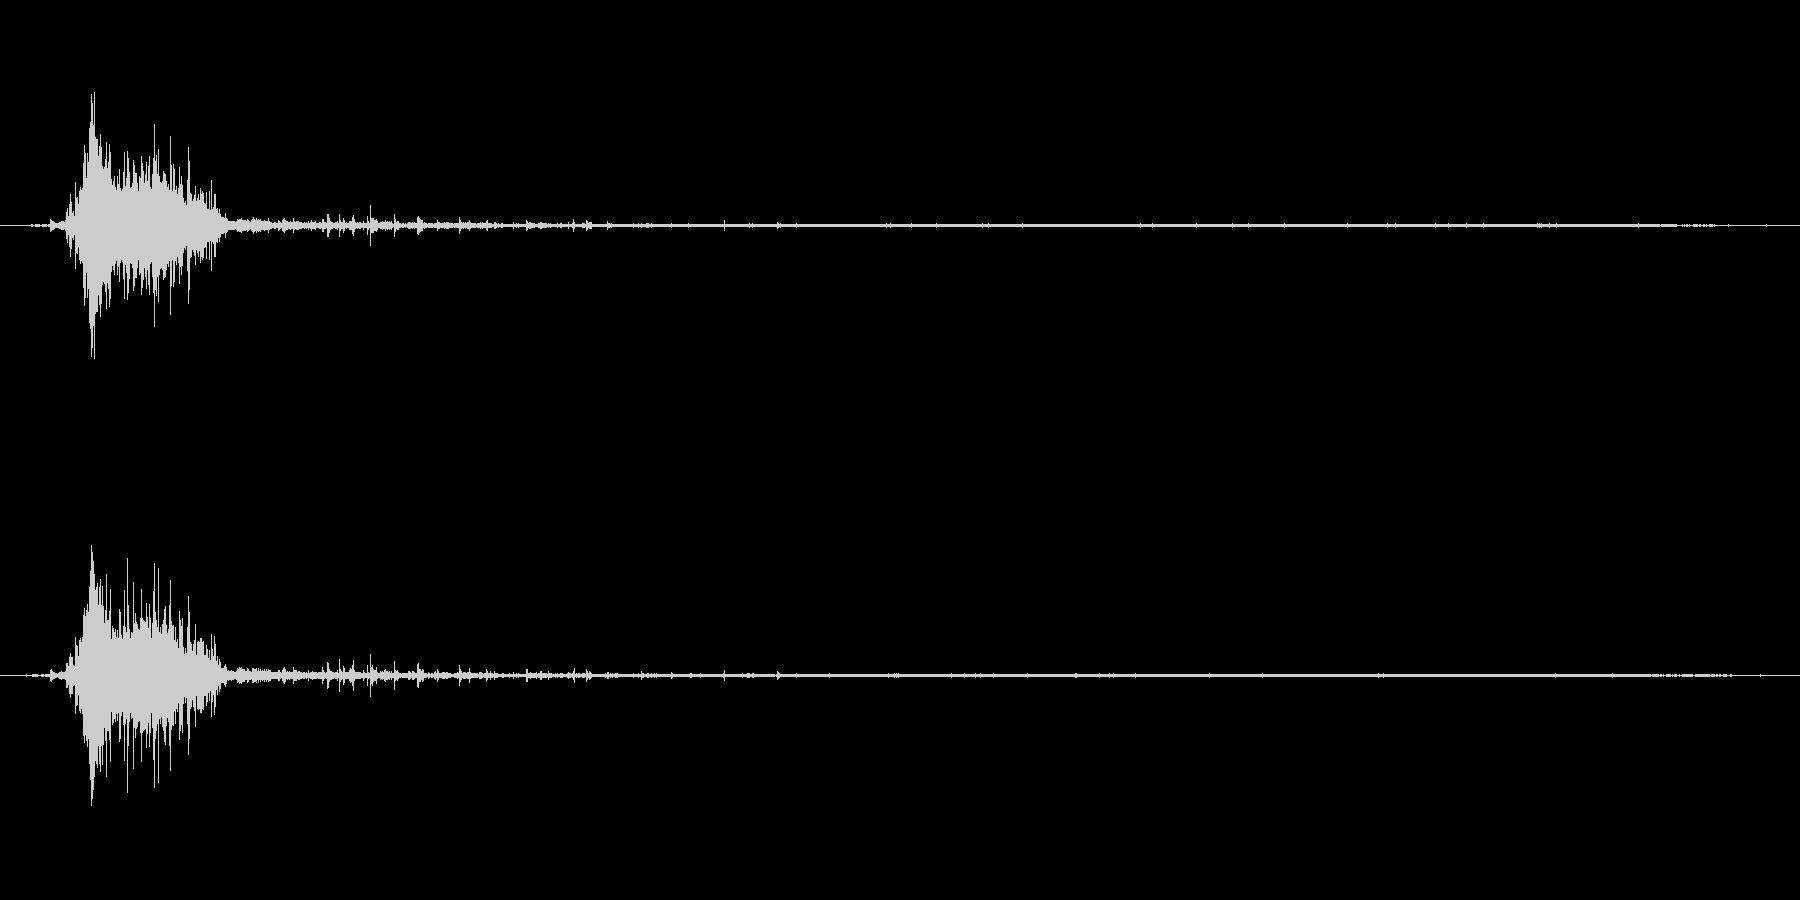 水 トイレフラッシュショートフルイ...の未再生の波形